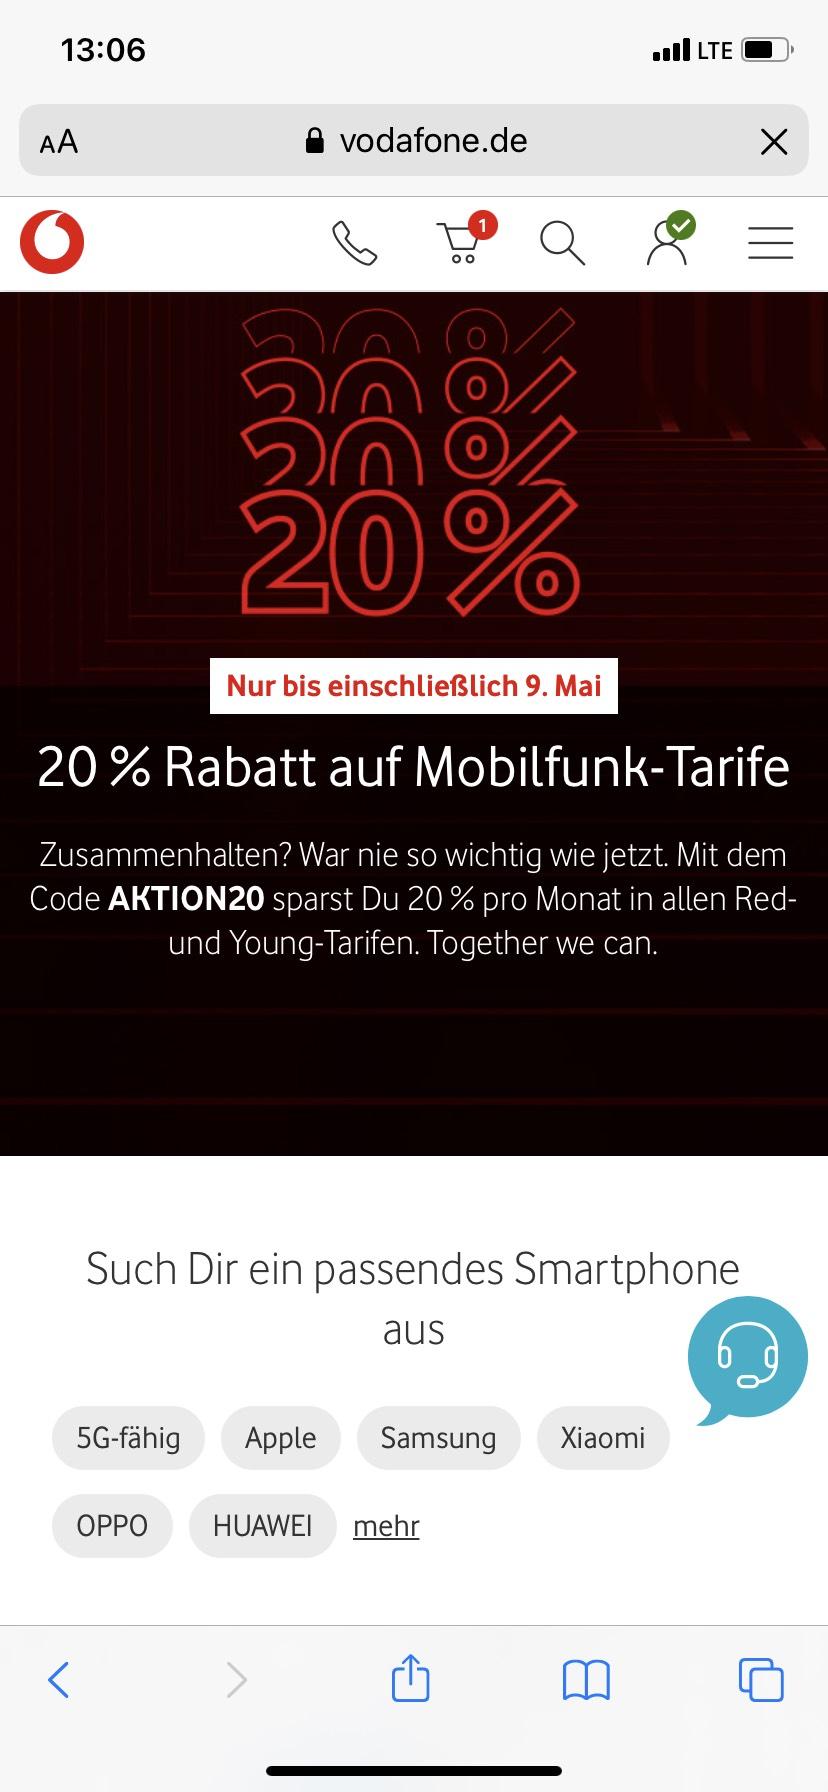 20% Rabatt auf Vodafone Mobilfunk-Tarife